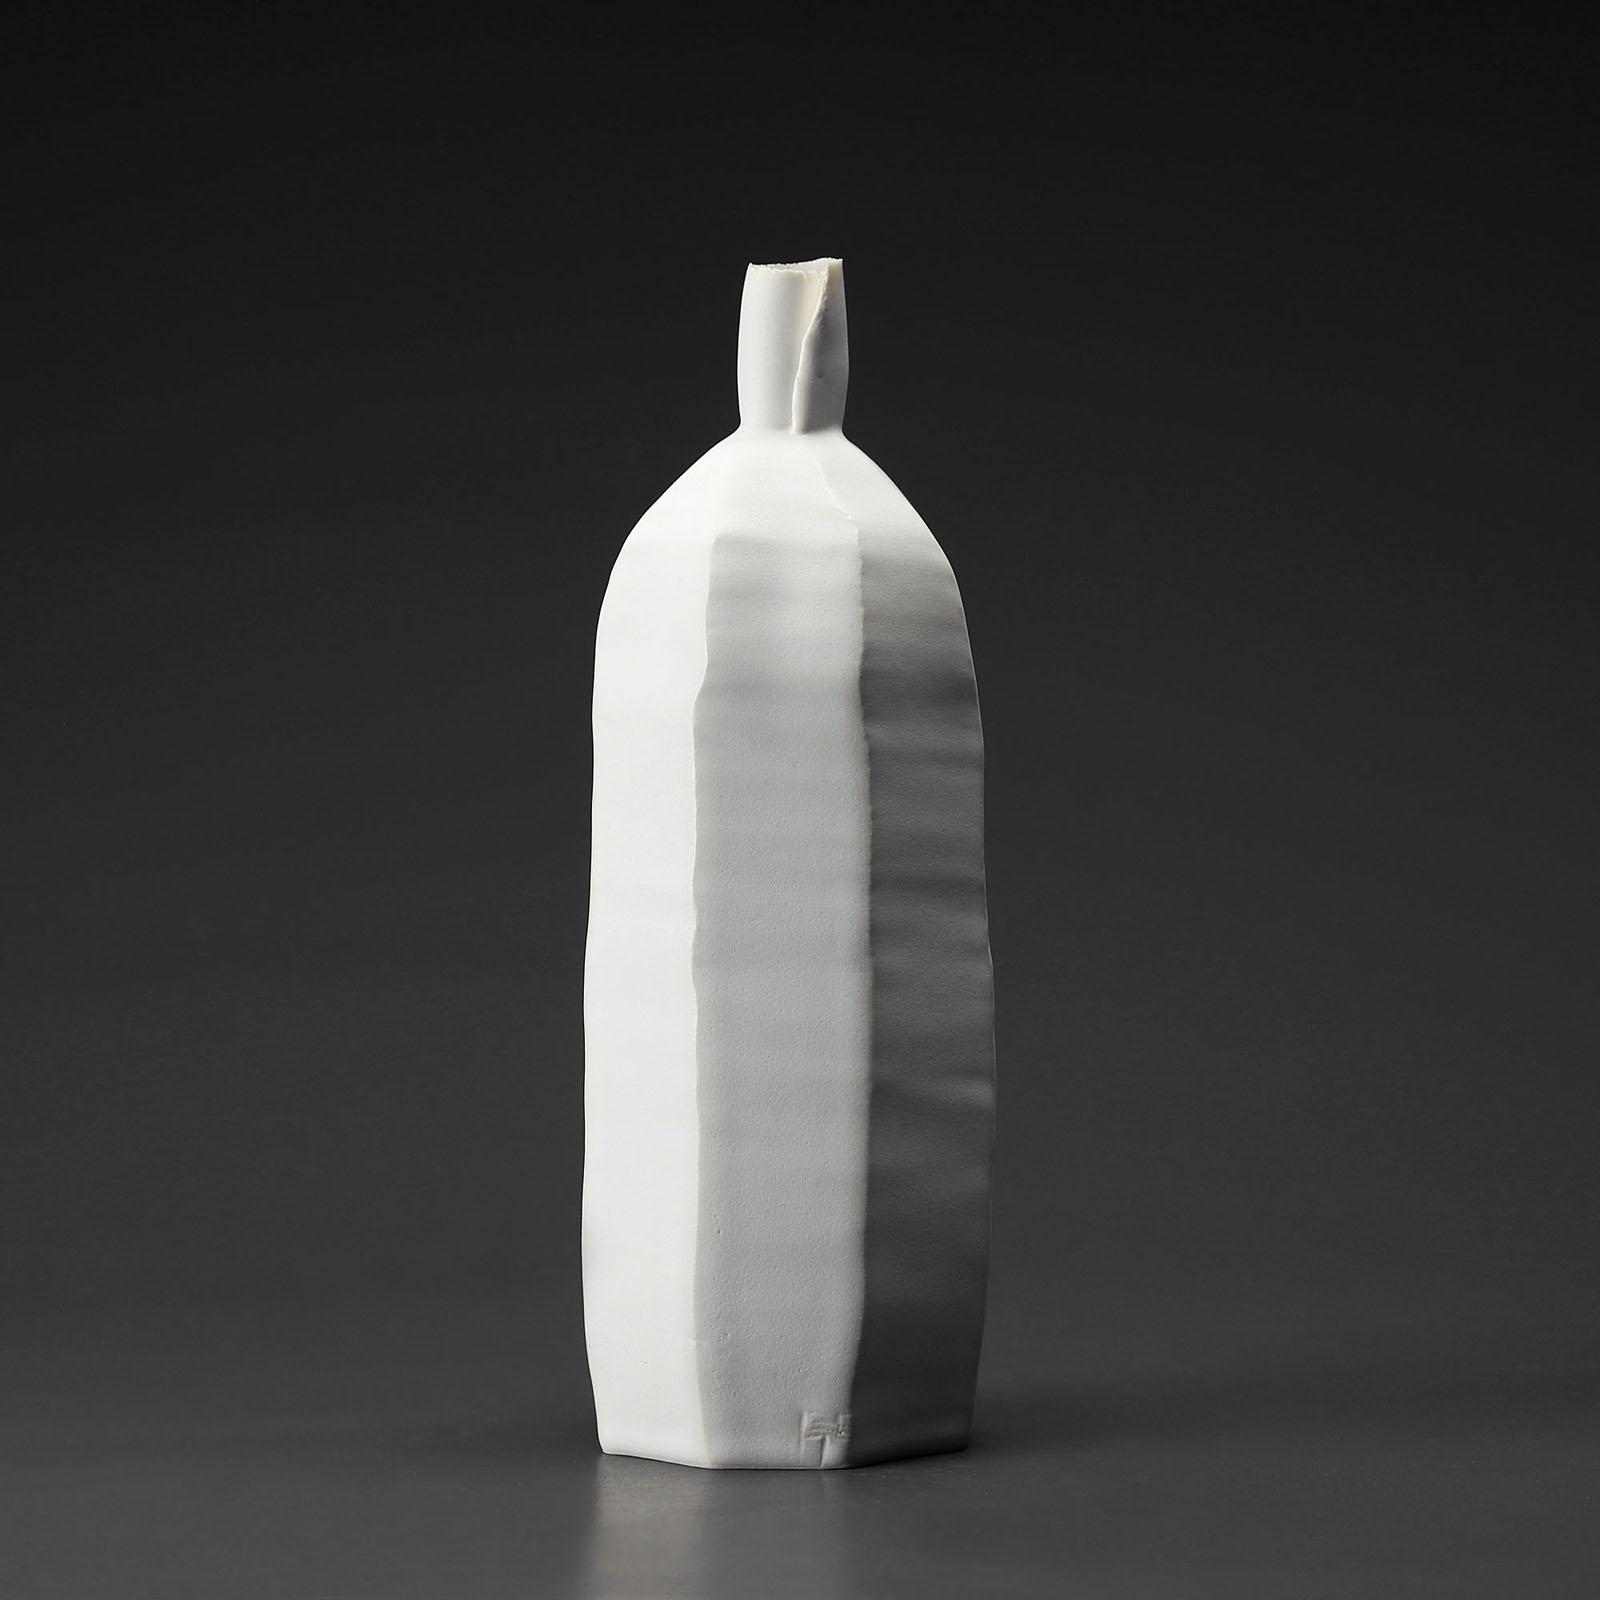 Bouteille mm 928 céramique, porcelaine émaillée blanc